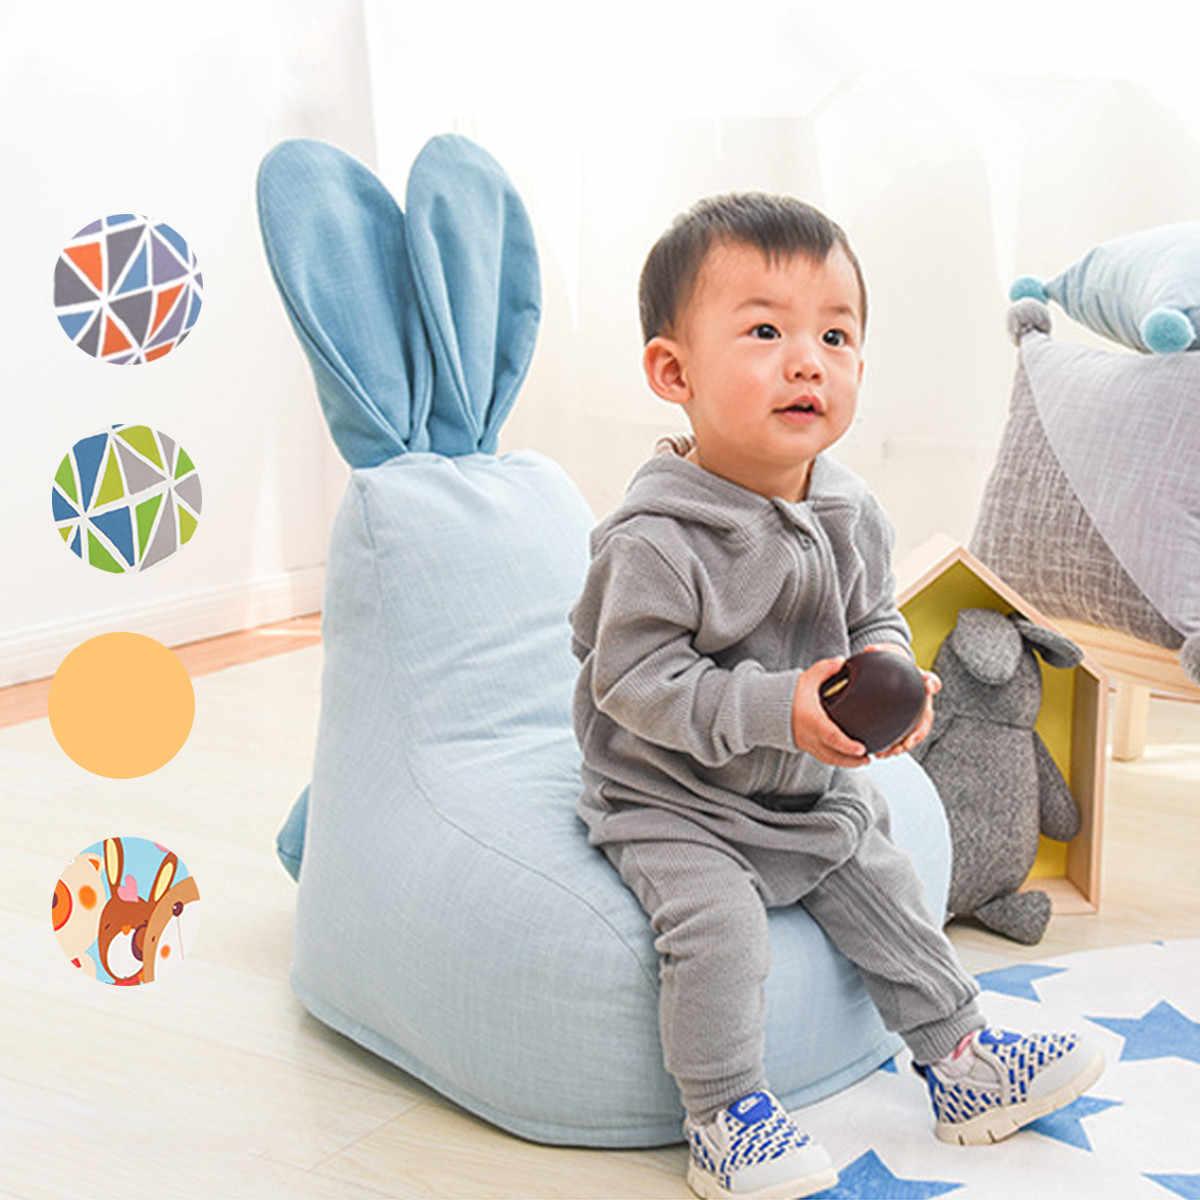 Nordic Cadeira do Saco de Feijão Do Bebê Com Enchimento Pufe Crianças Assento Do Bebê Sofá Travesseiro Cadeiras Portáteis para o Infante Do Bebê Room Decor brinquedos da criança